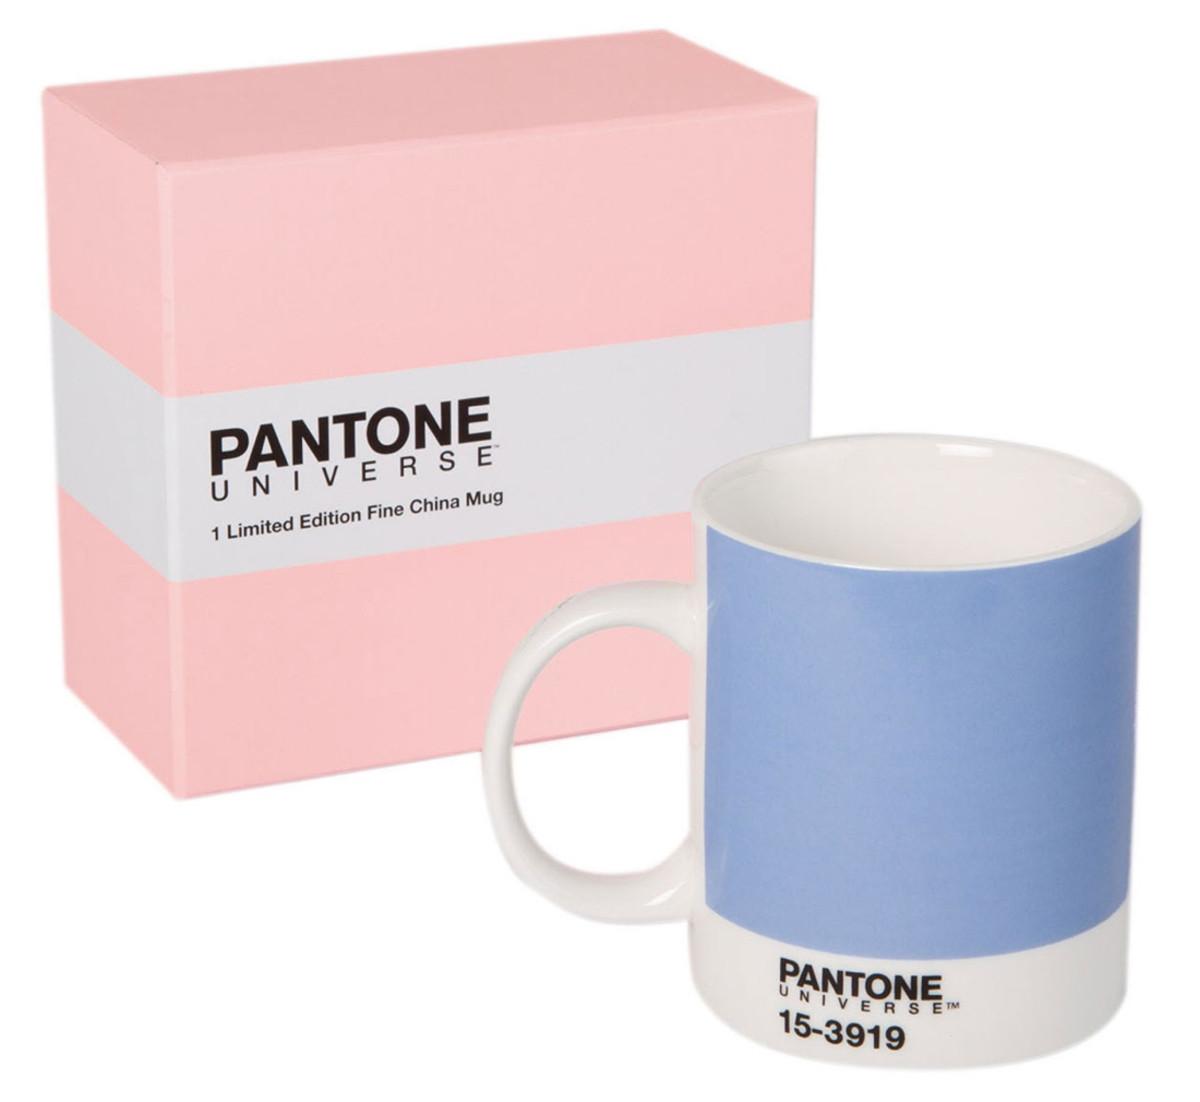 Pantone 2016 mug